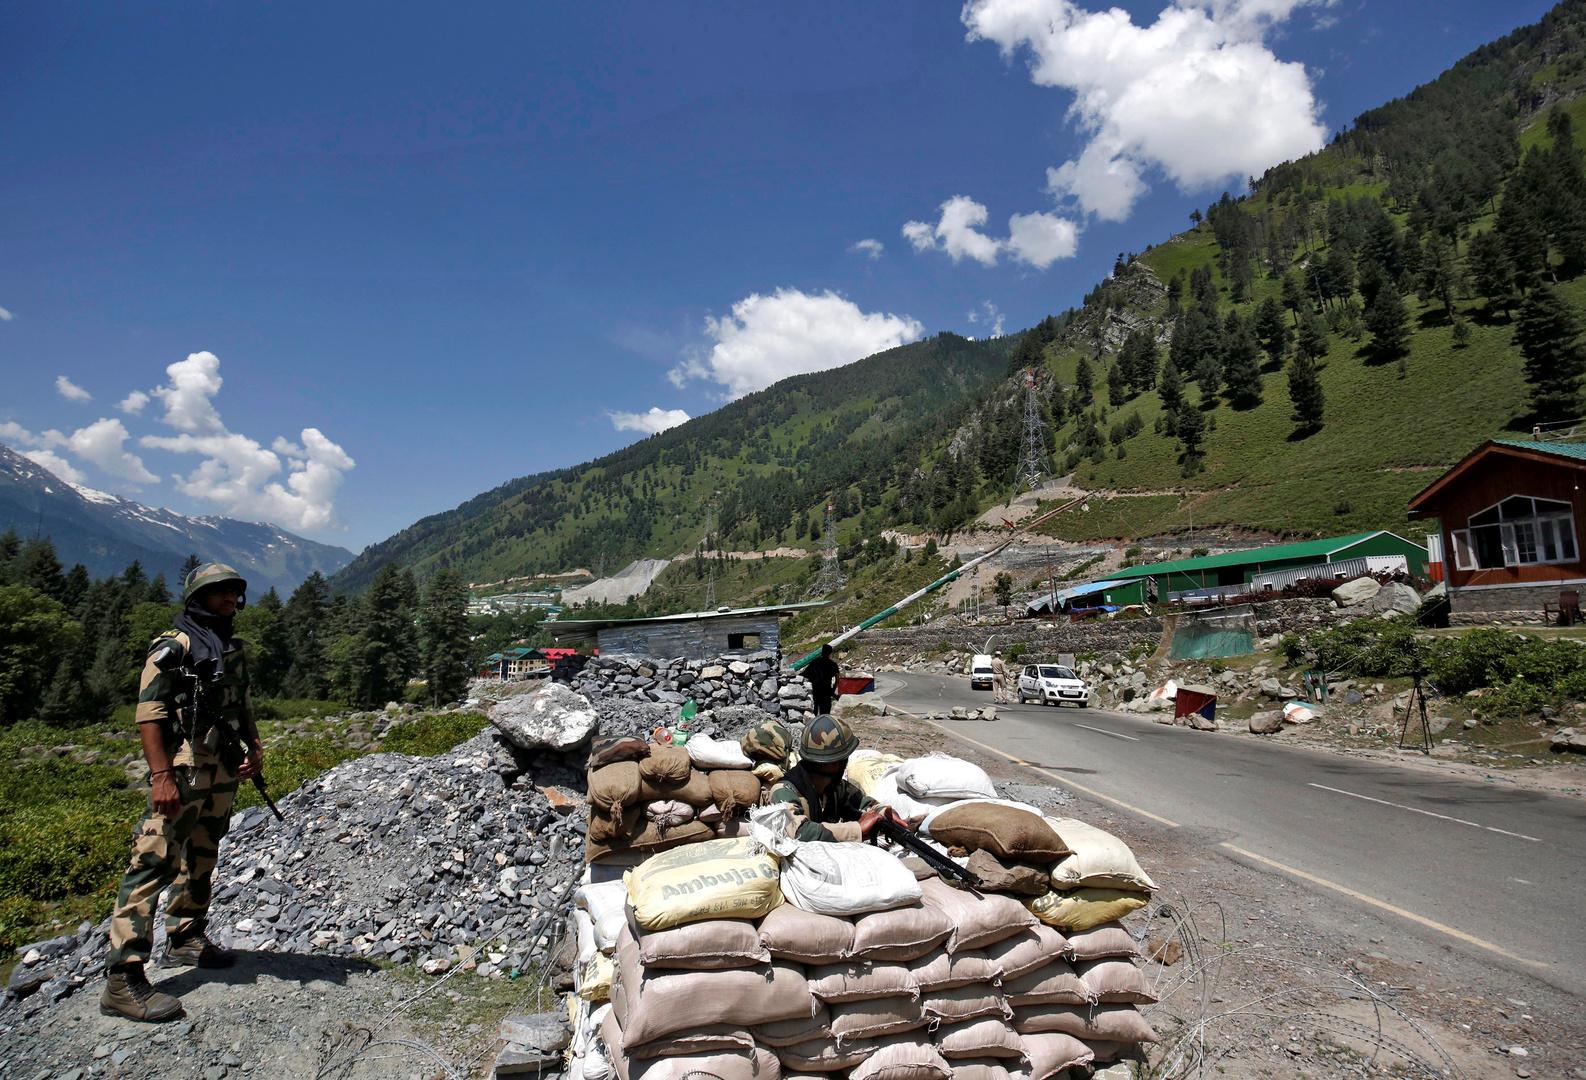 جنود قوات الأمن الهندية يقفون عند نقطة تفتيش على طول الطريق السريع المؤدي إلى لاداخ  في جاجانجير بالهند